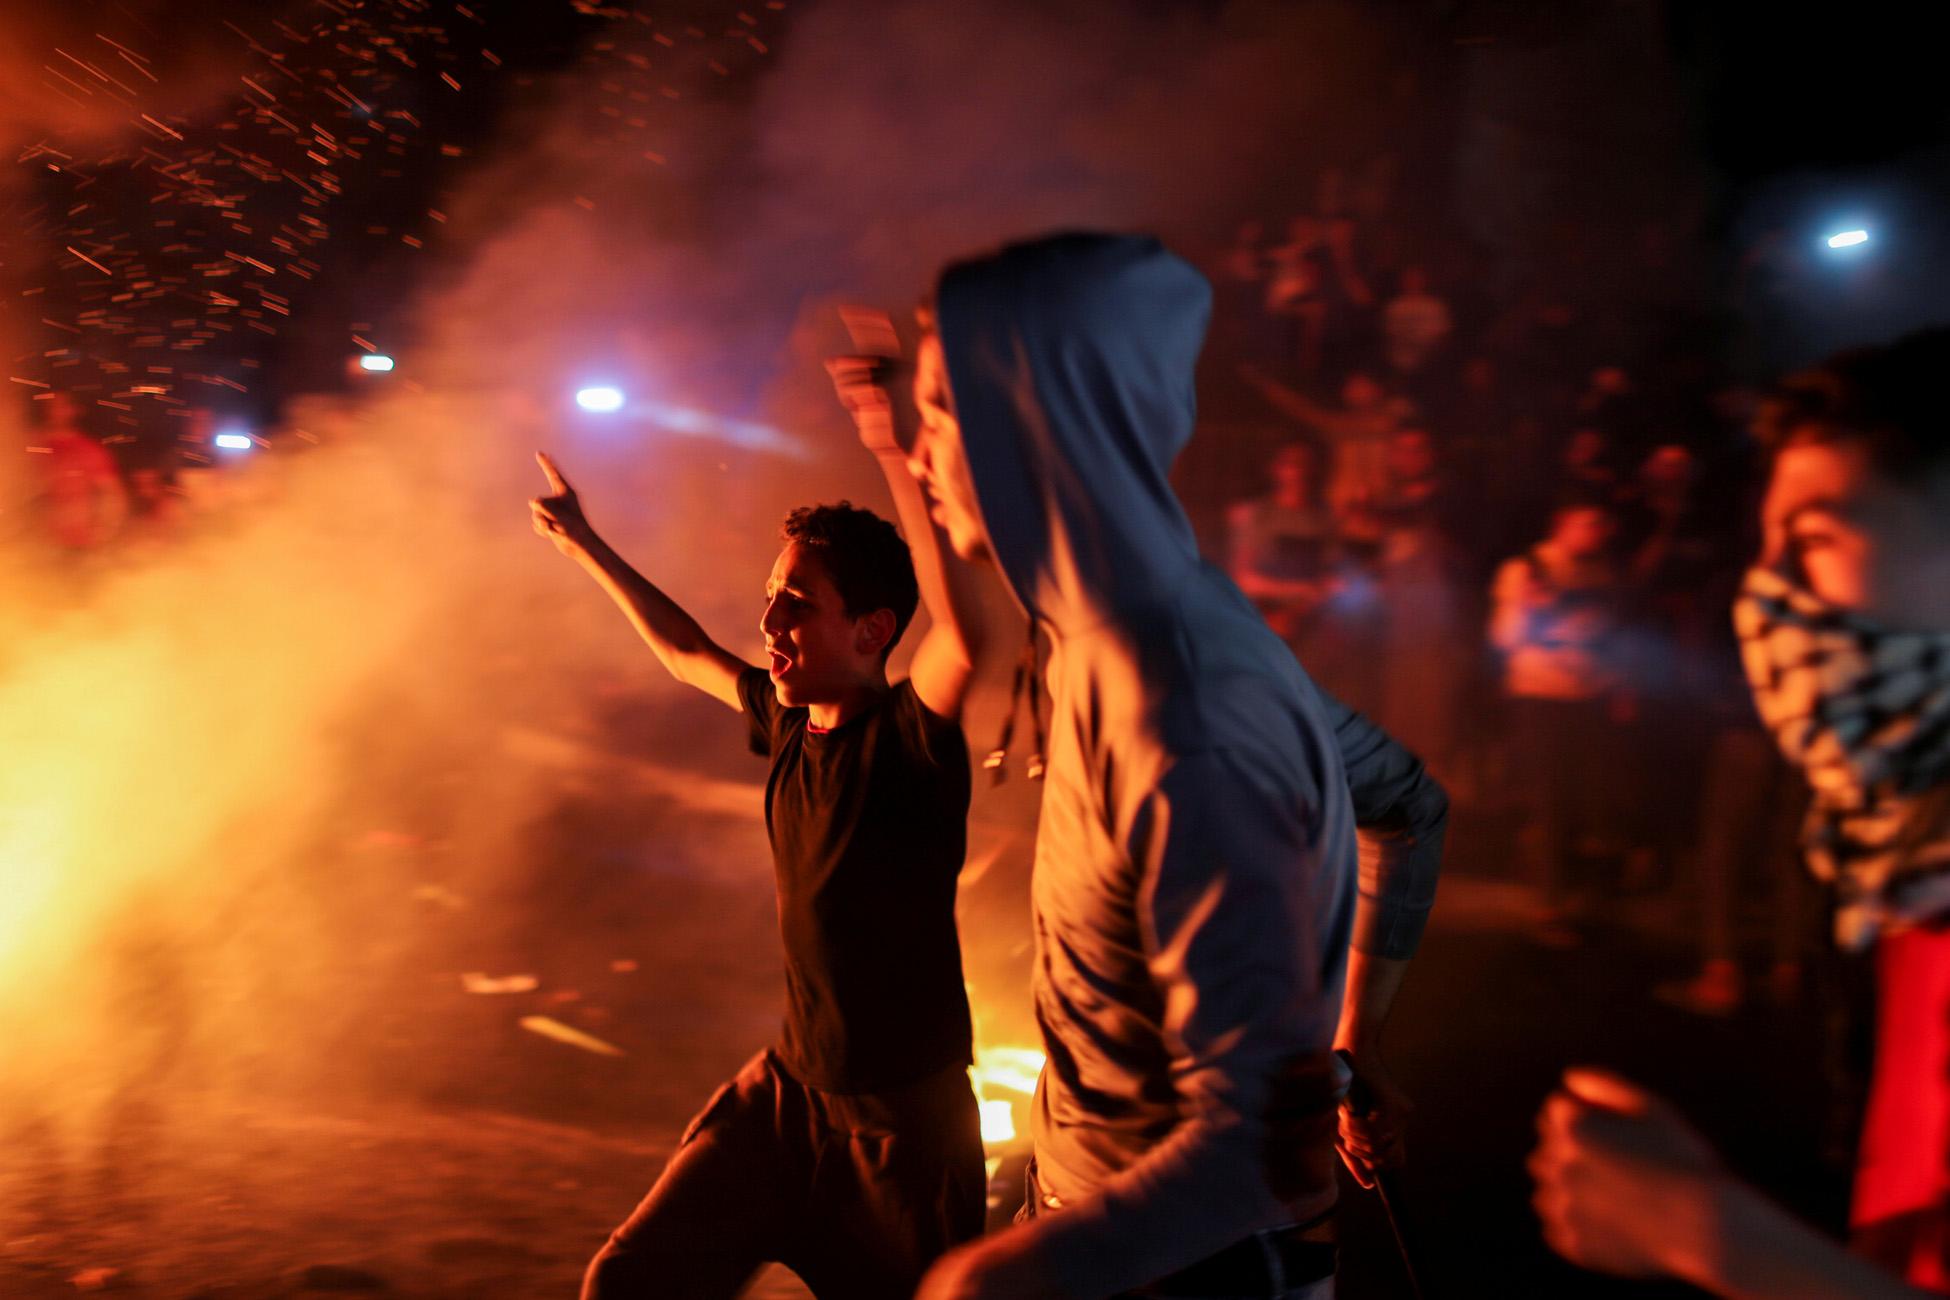 Ισραήλ-Παλαιστίνη: Νέες συμπλοκές στην Ιερουσαλήμ, ηρεμία ζητά ο Νετανάχιου